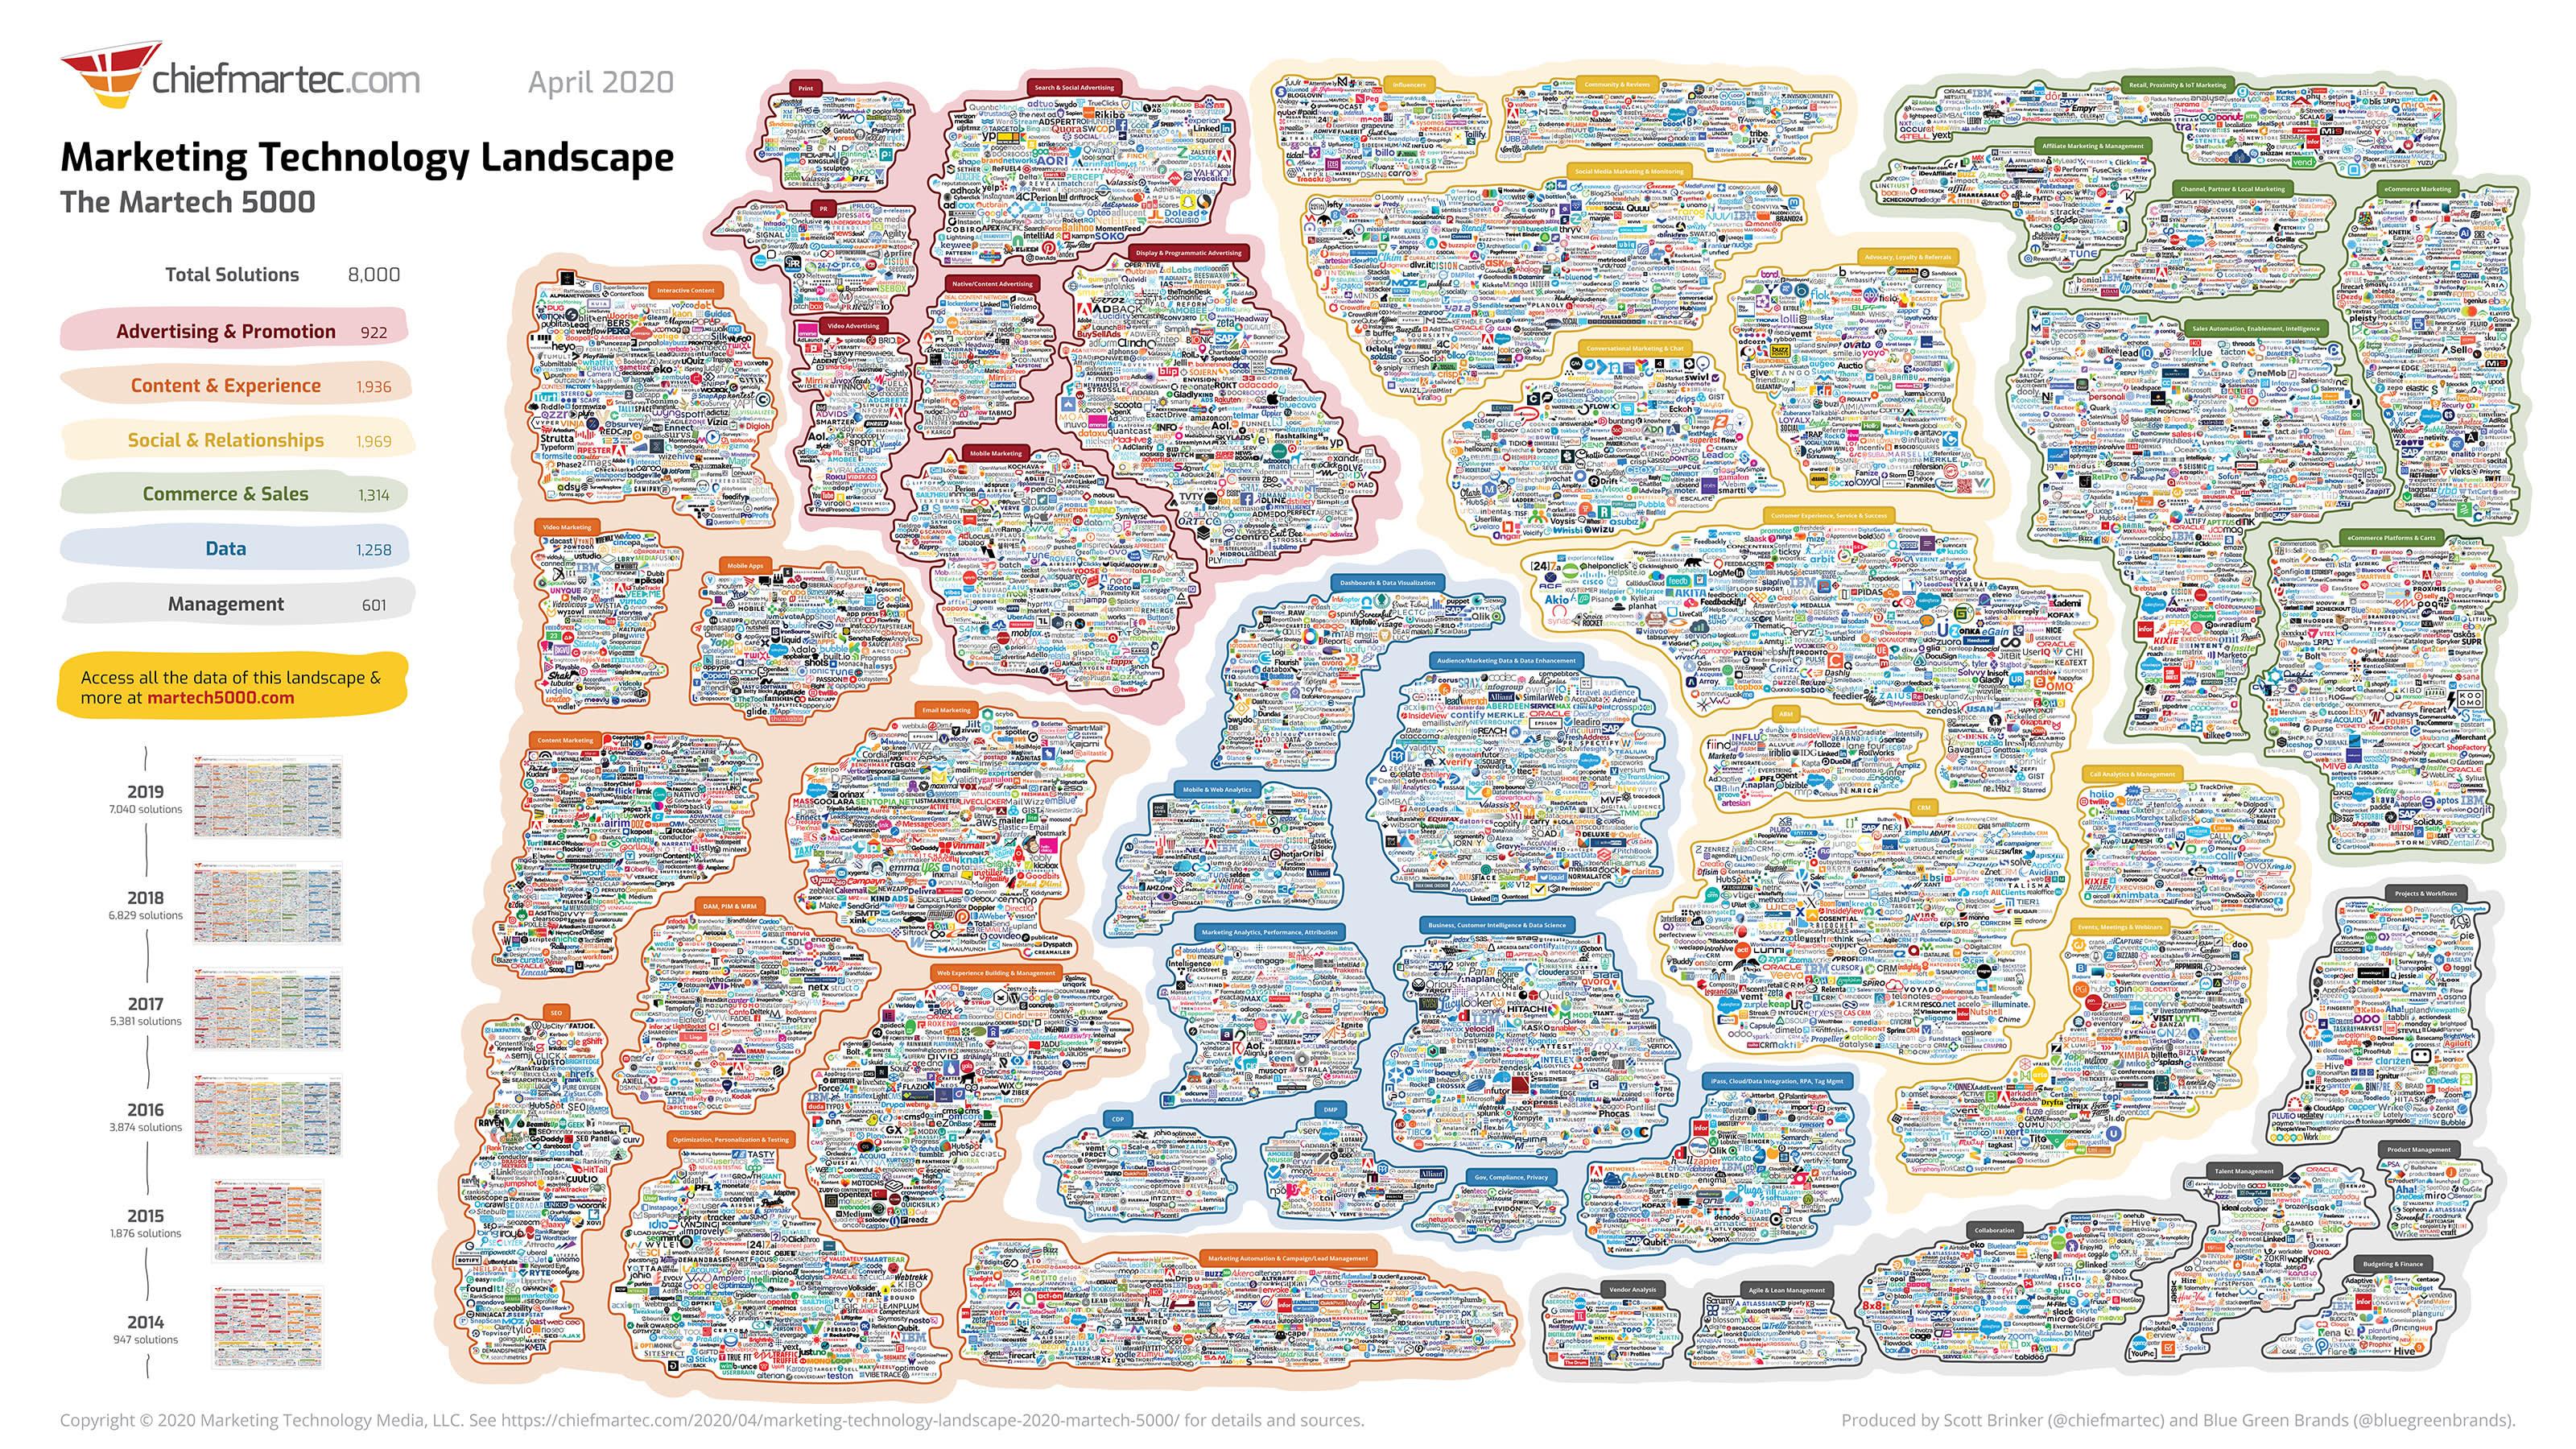 Montage vollgepackt mit Tausenden mikroskopisch kleinen Logos von Firmen, die sich auf eine bestimmte Marketingdisziplin spezialisiert haben, von chiefmartec.com